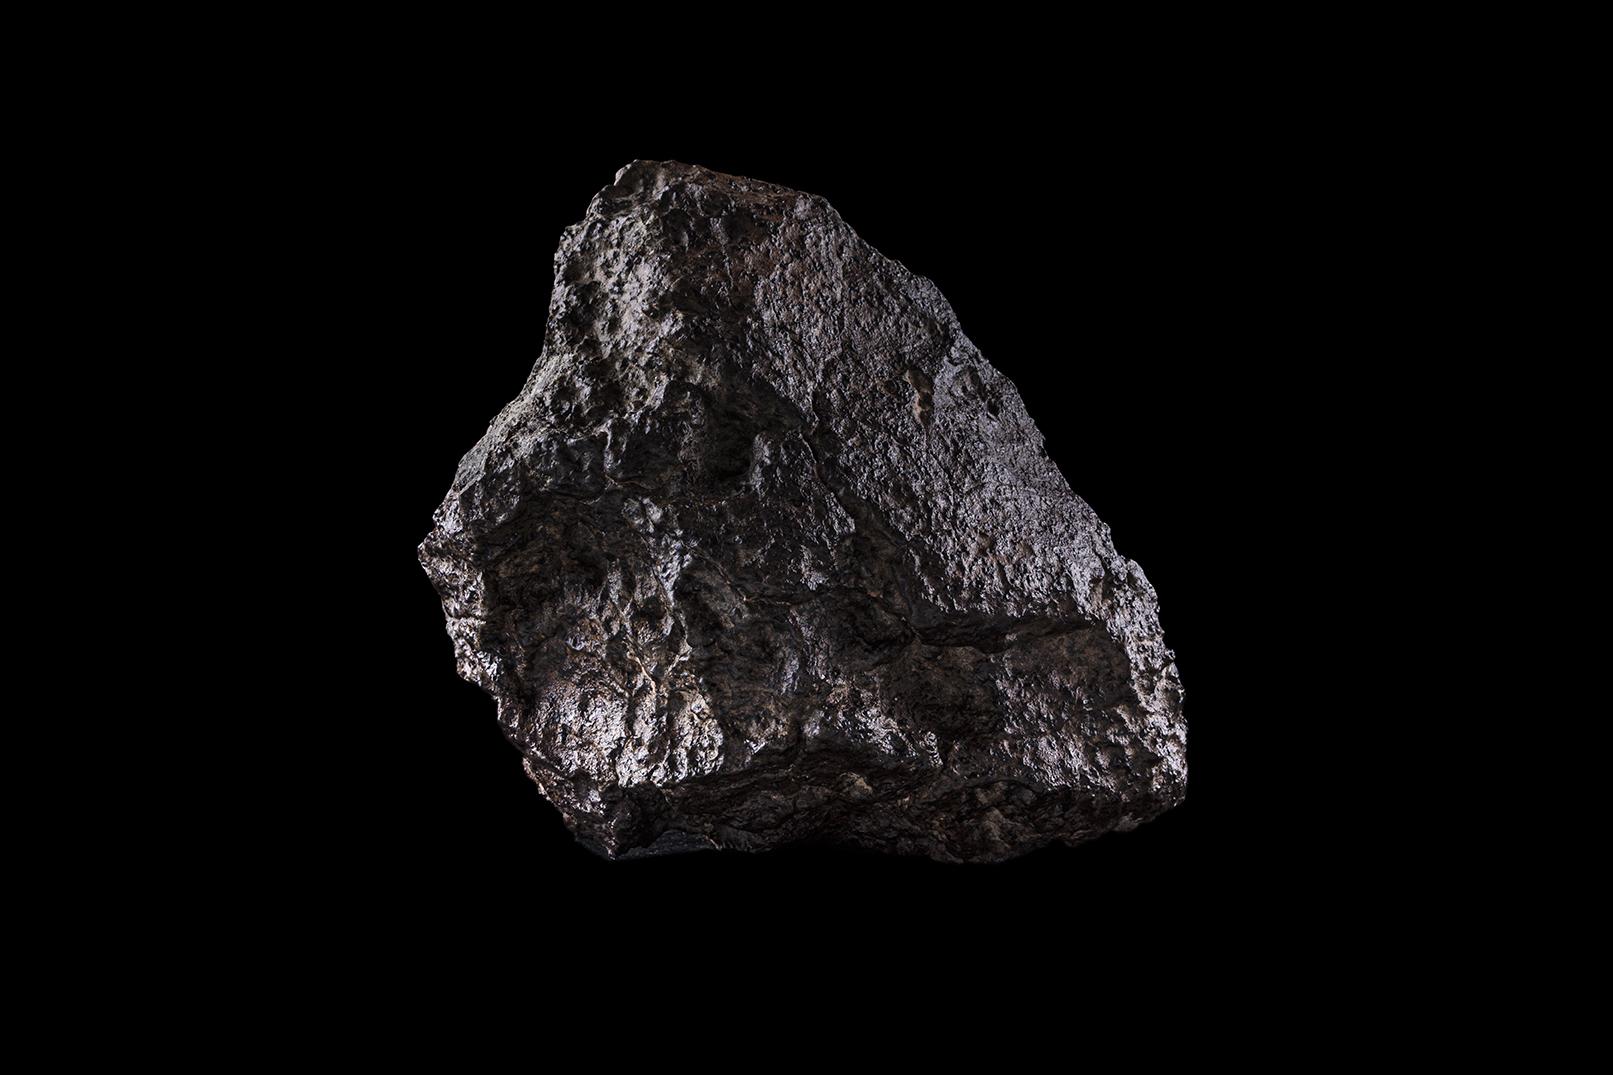 brafa-2020-theatrum-mundi-mars-meteorite-2